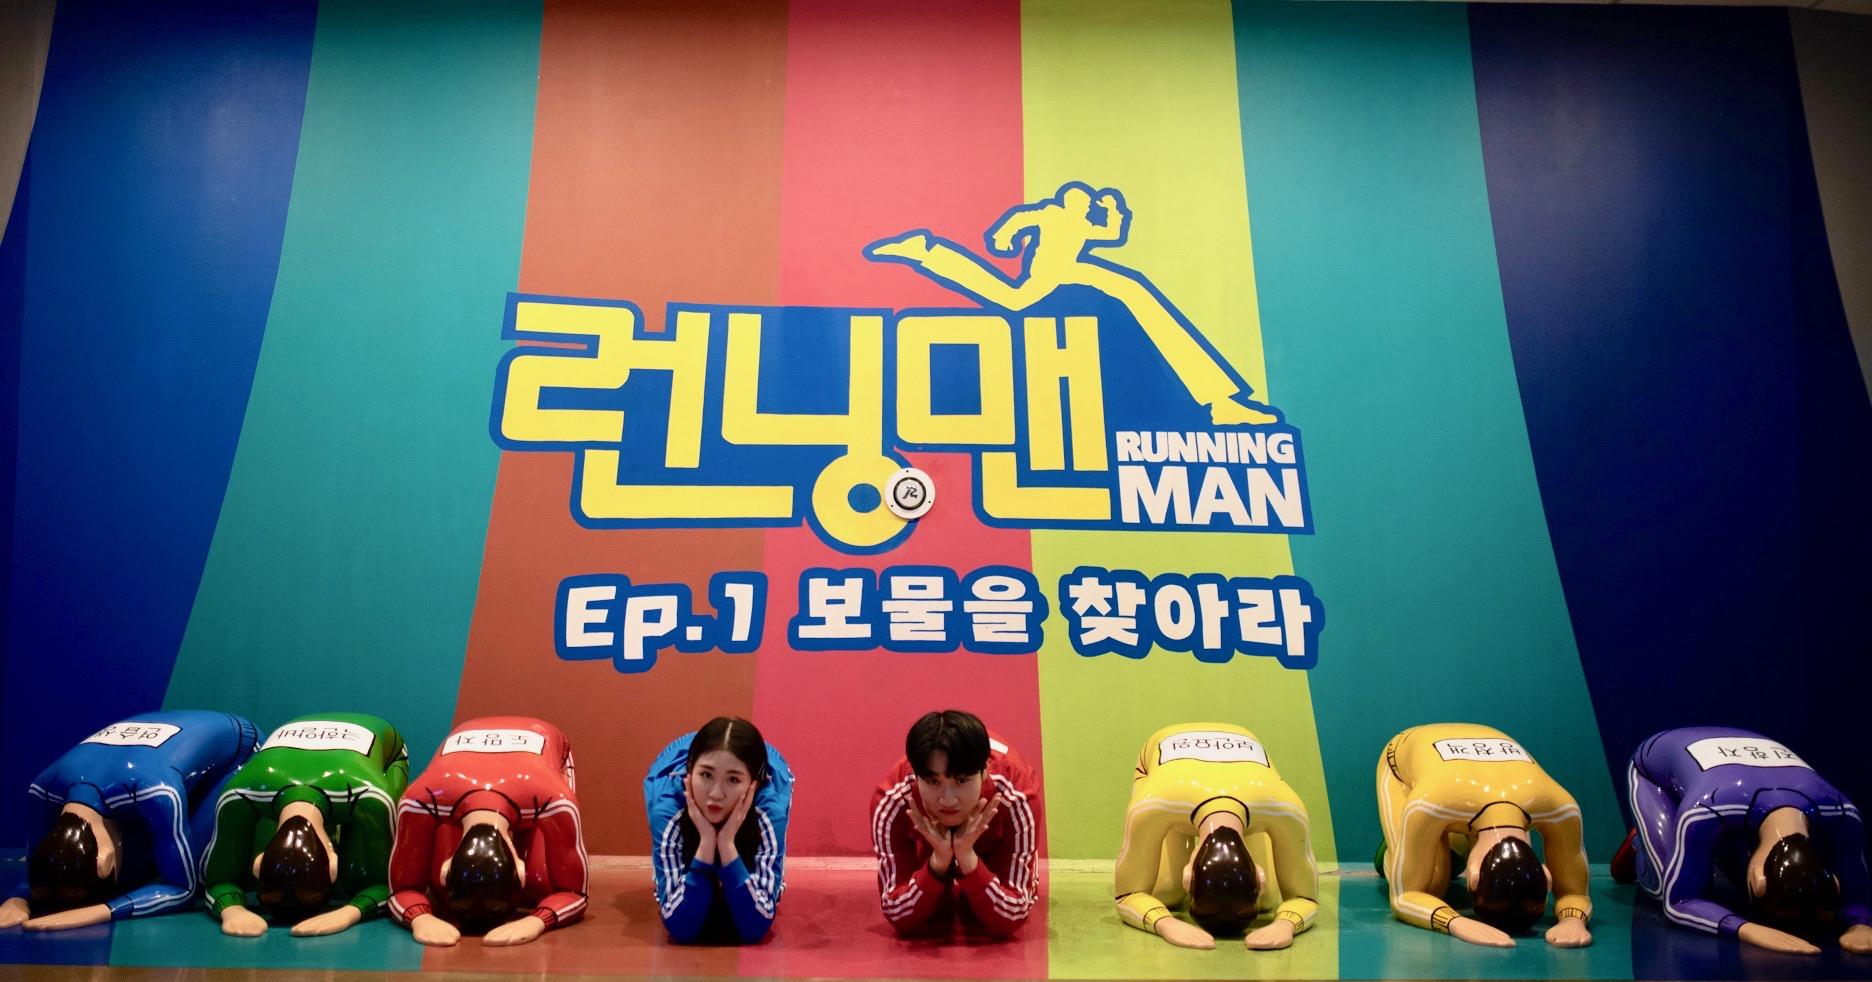 韓國首爾|Running Man 主題體驗館門票